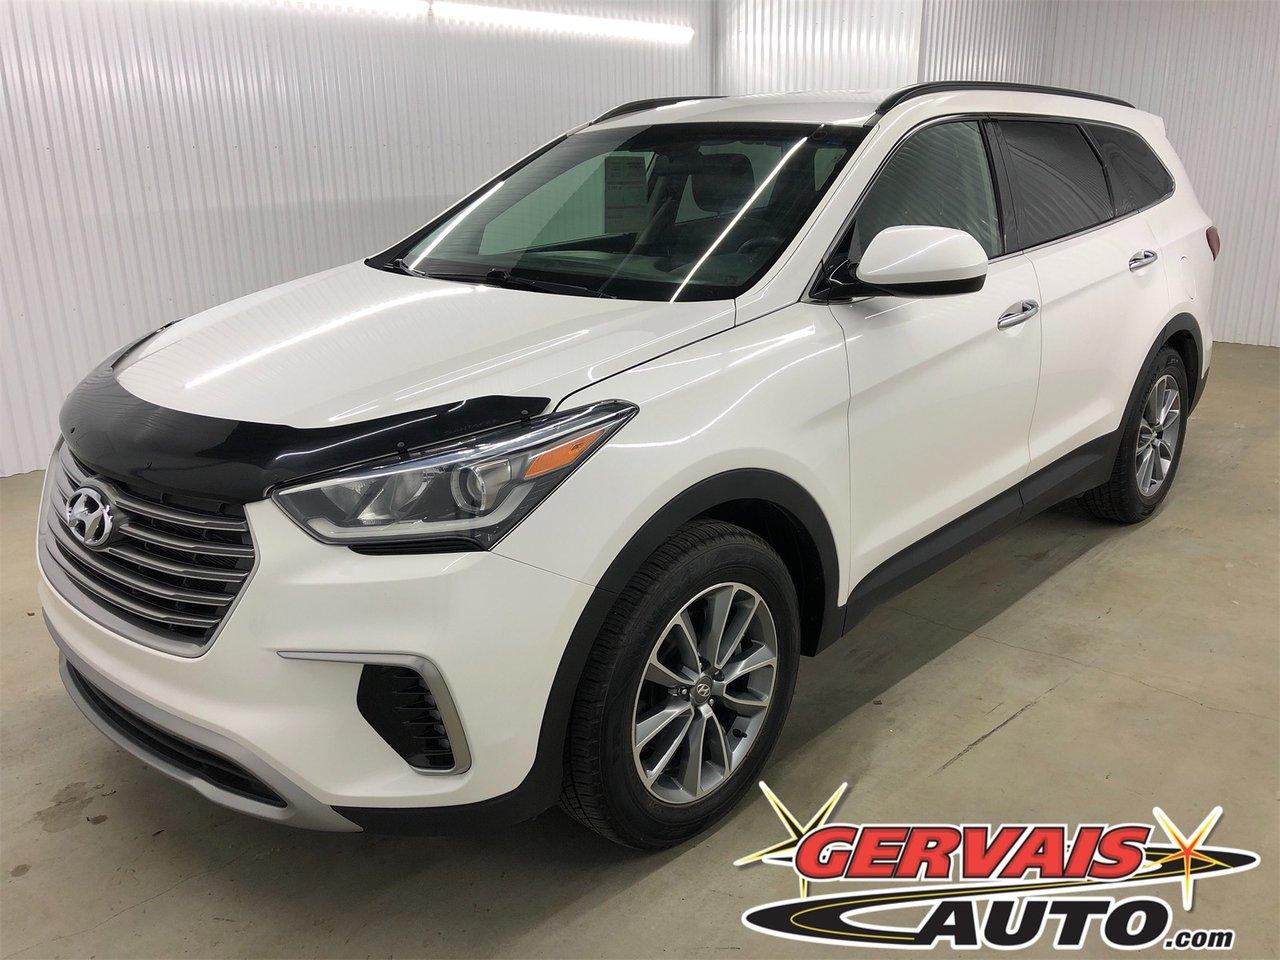 Hyundai Santa Fe XL 2017 V6 7 Passagers Cam?ra Bluetooth MAGS